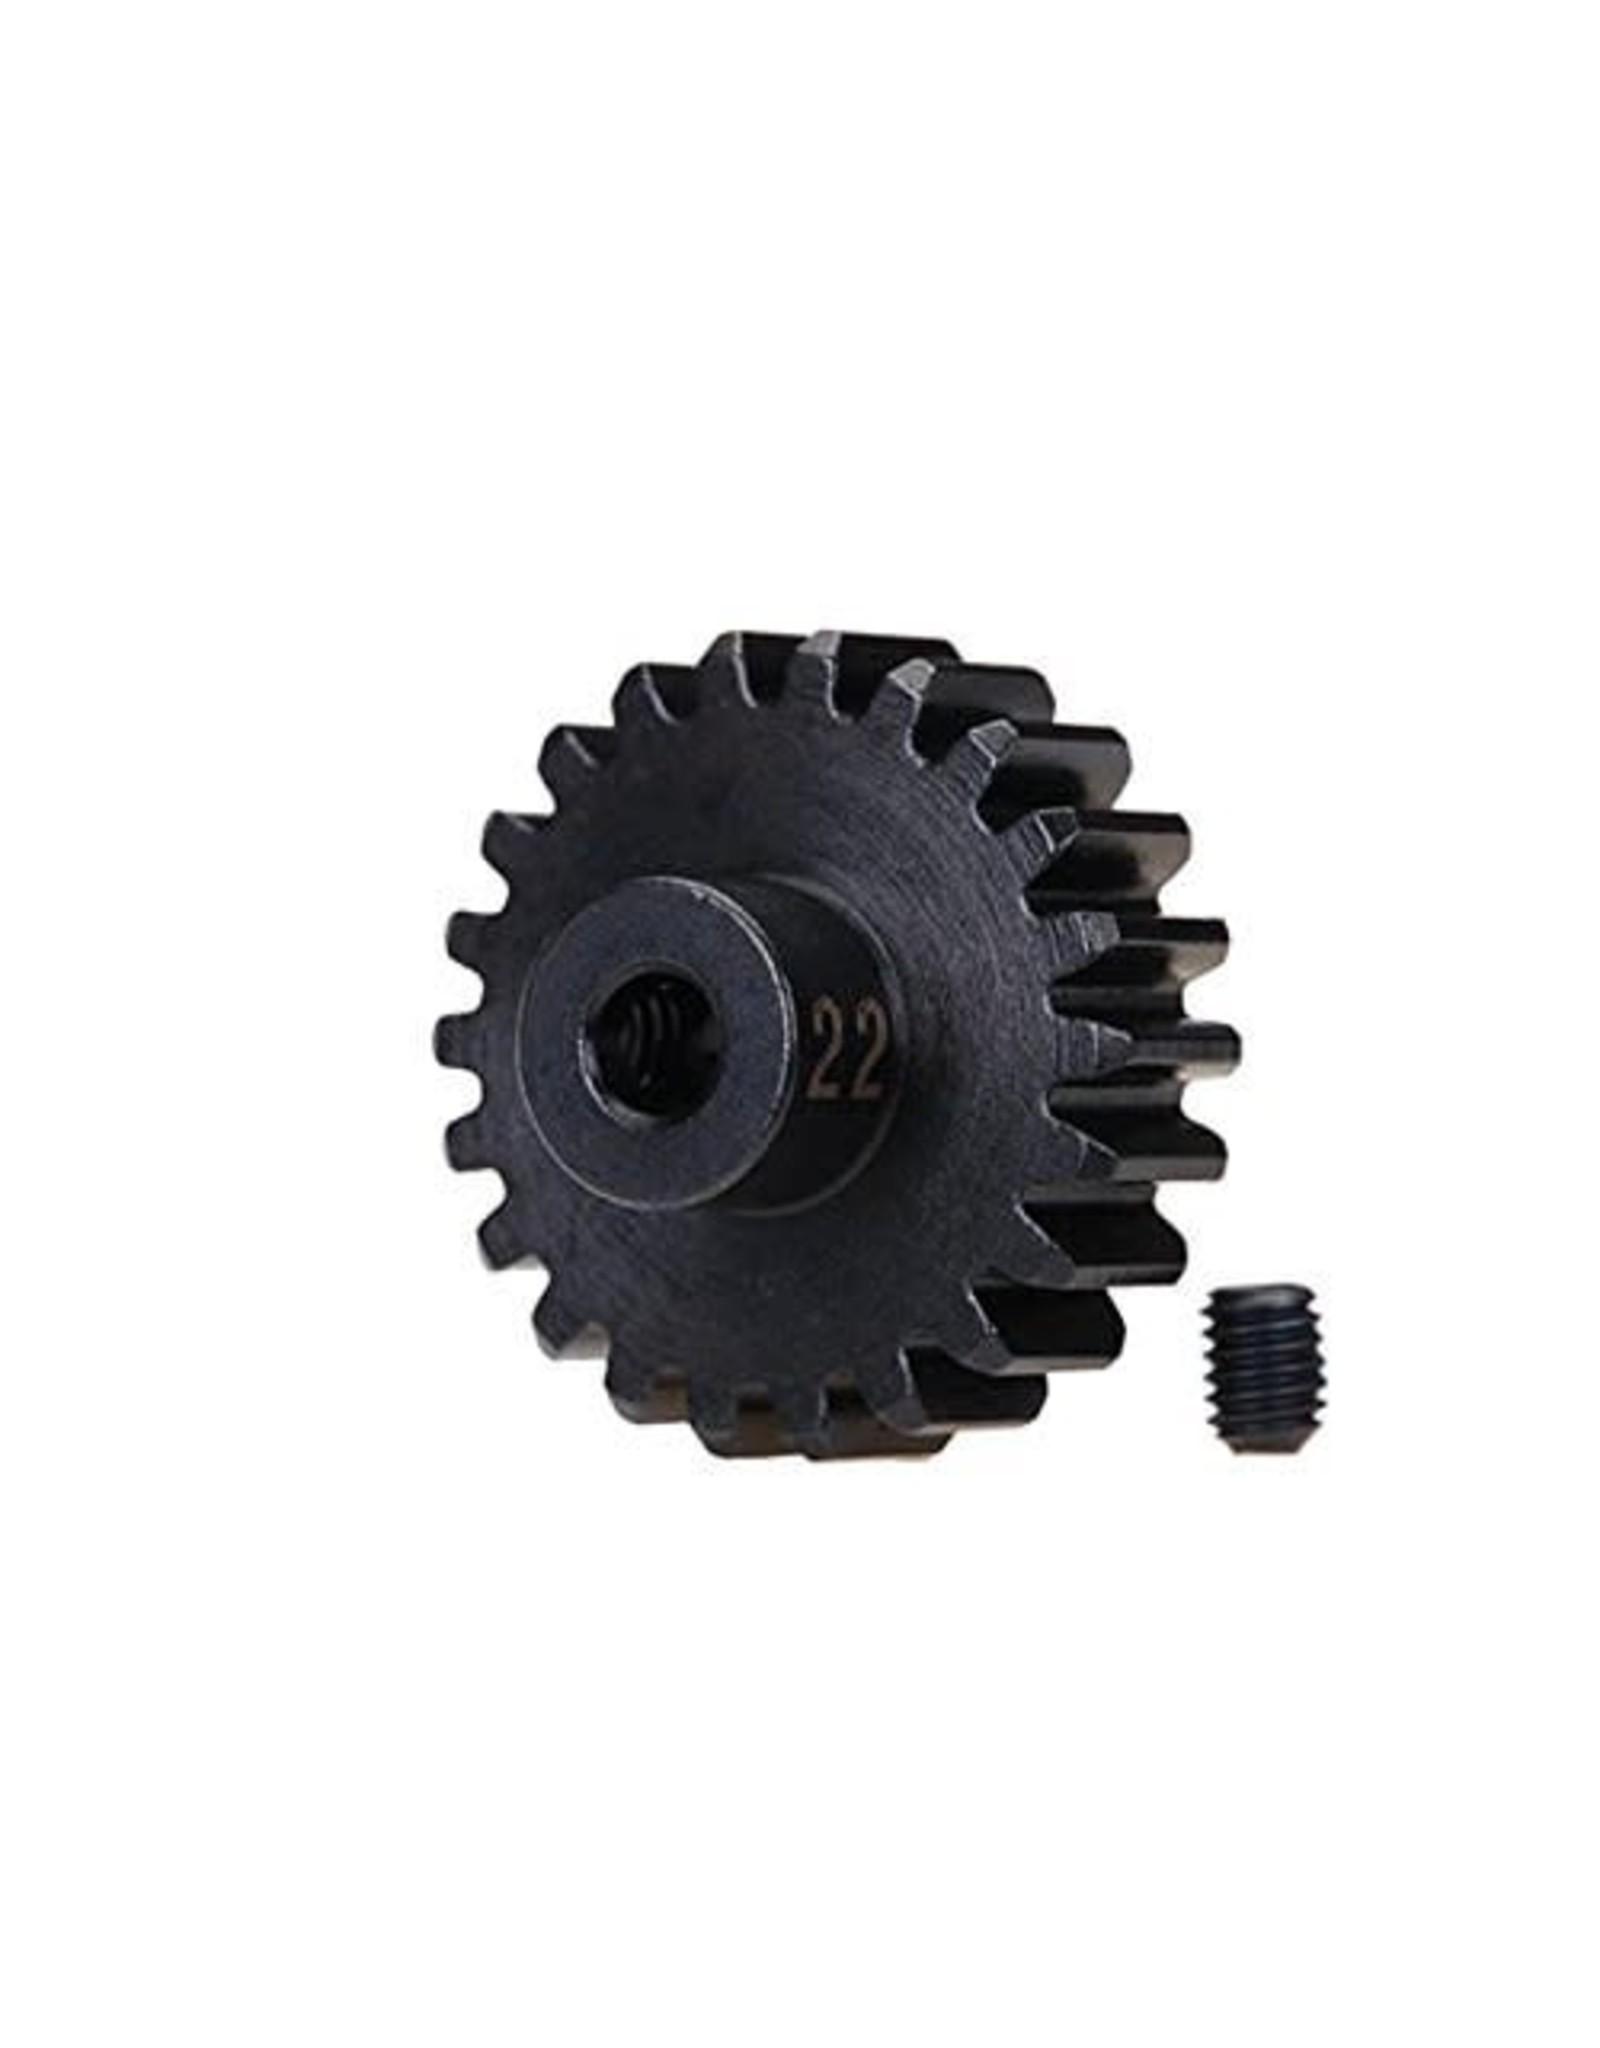 Traxxas Gear, 22-T pinion (32-p), heavy duty (machined, hardened steel)/ set screw (TRA3952X)